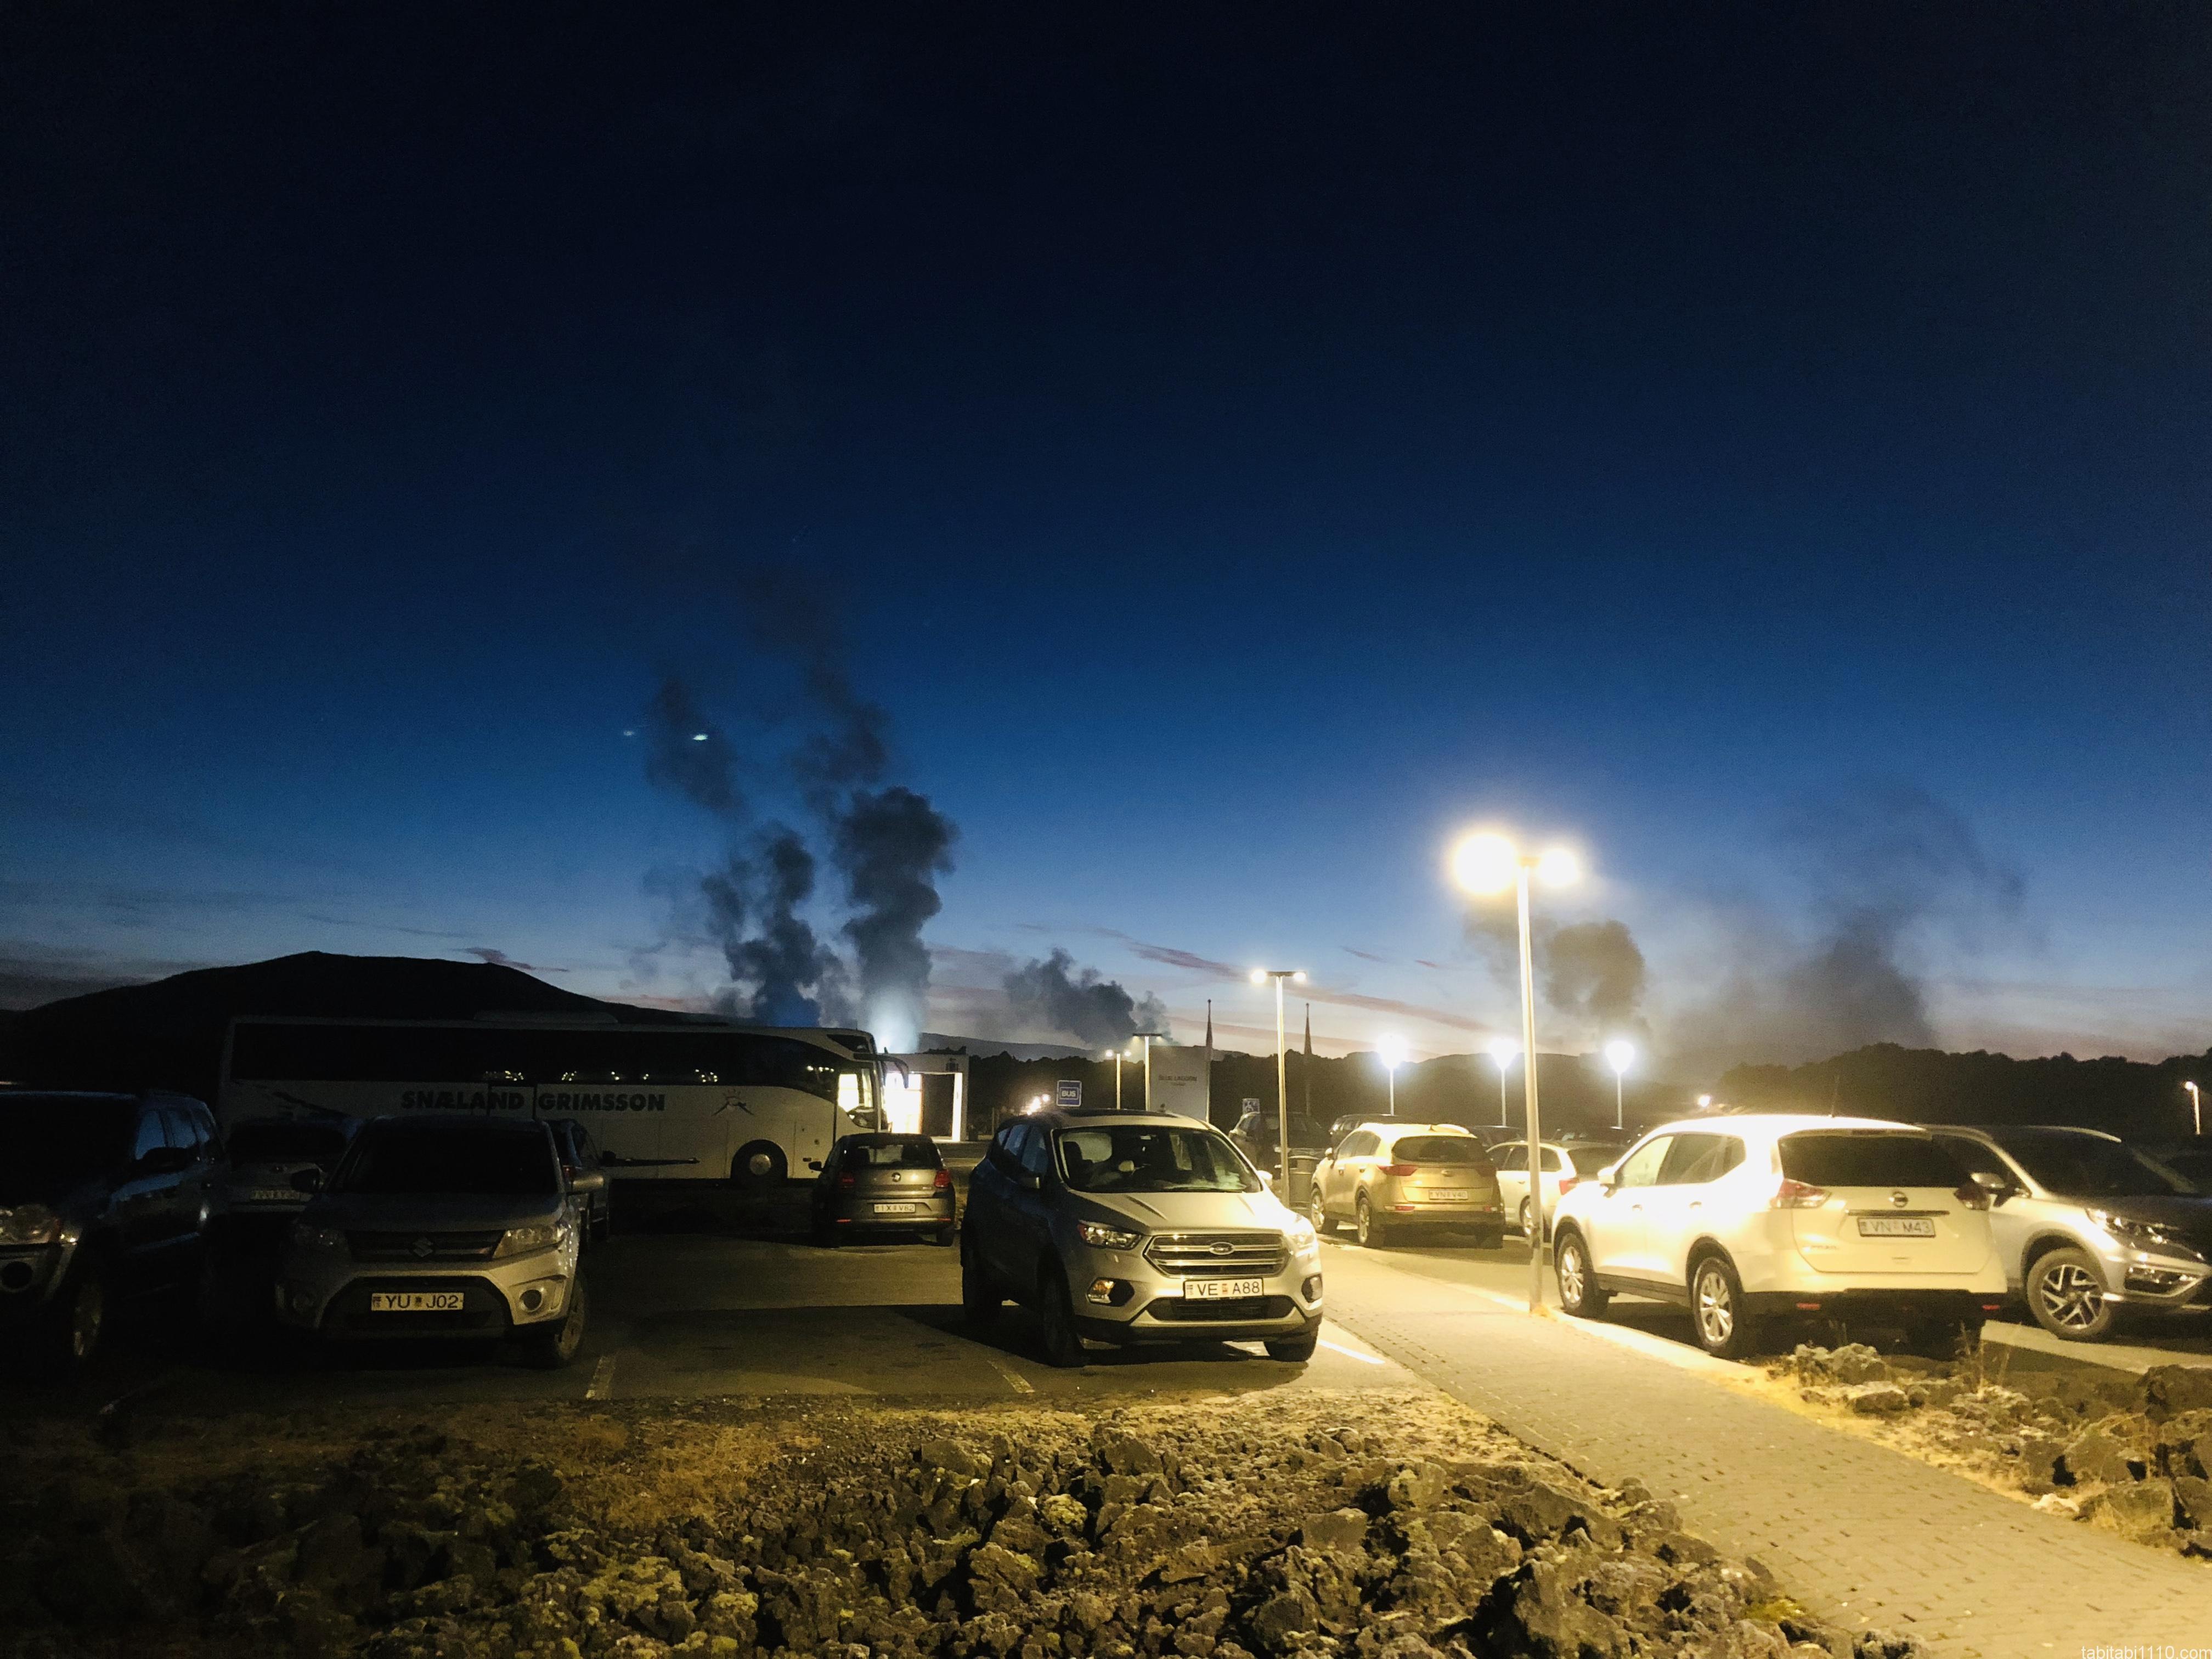 ブルーラグーン|駐車場